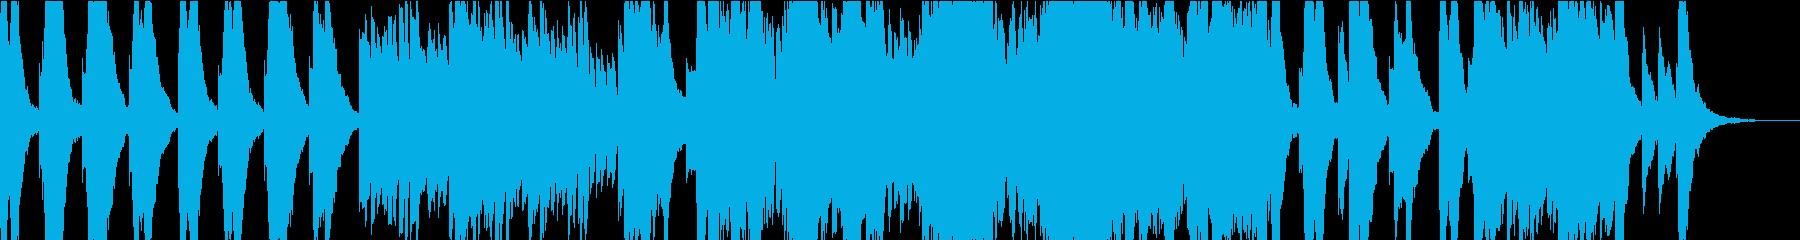 切ないオルゴール曲の再生済みの波形